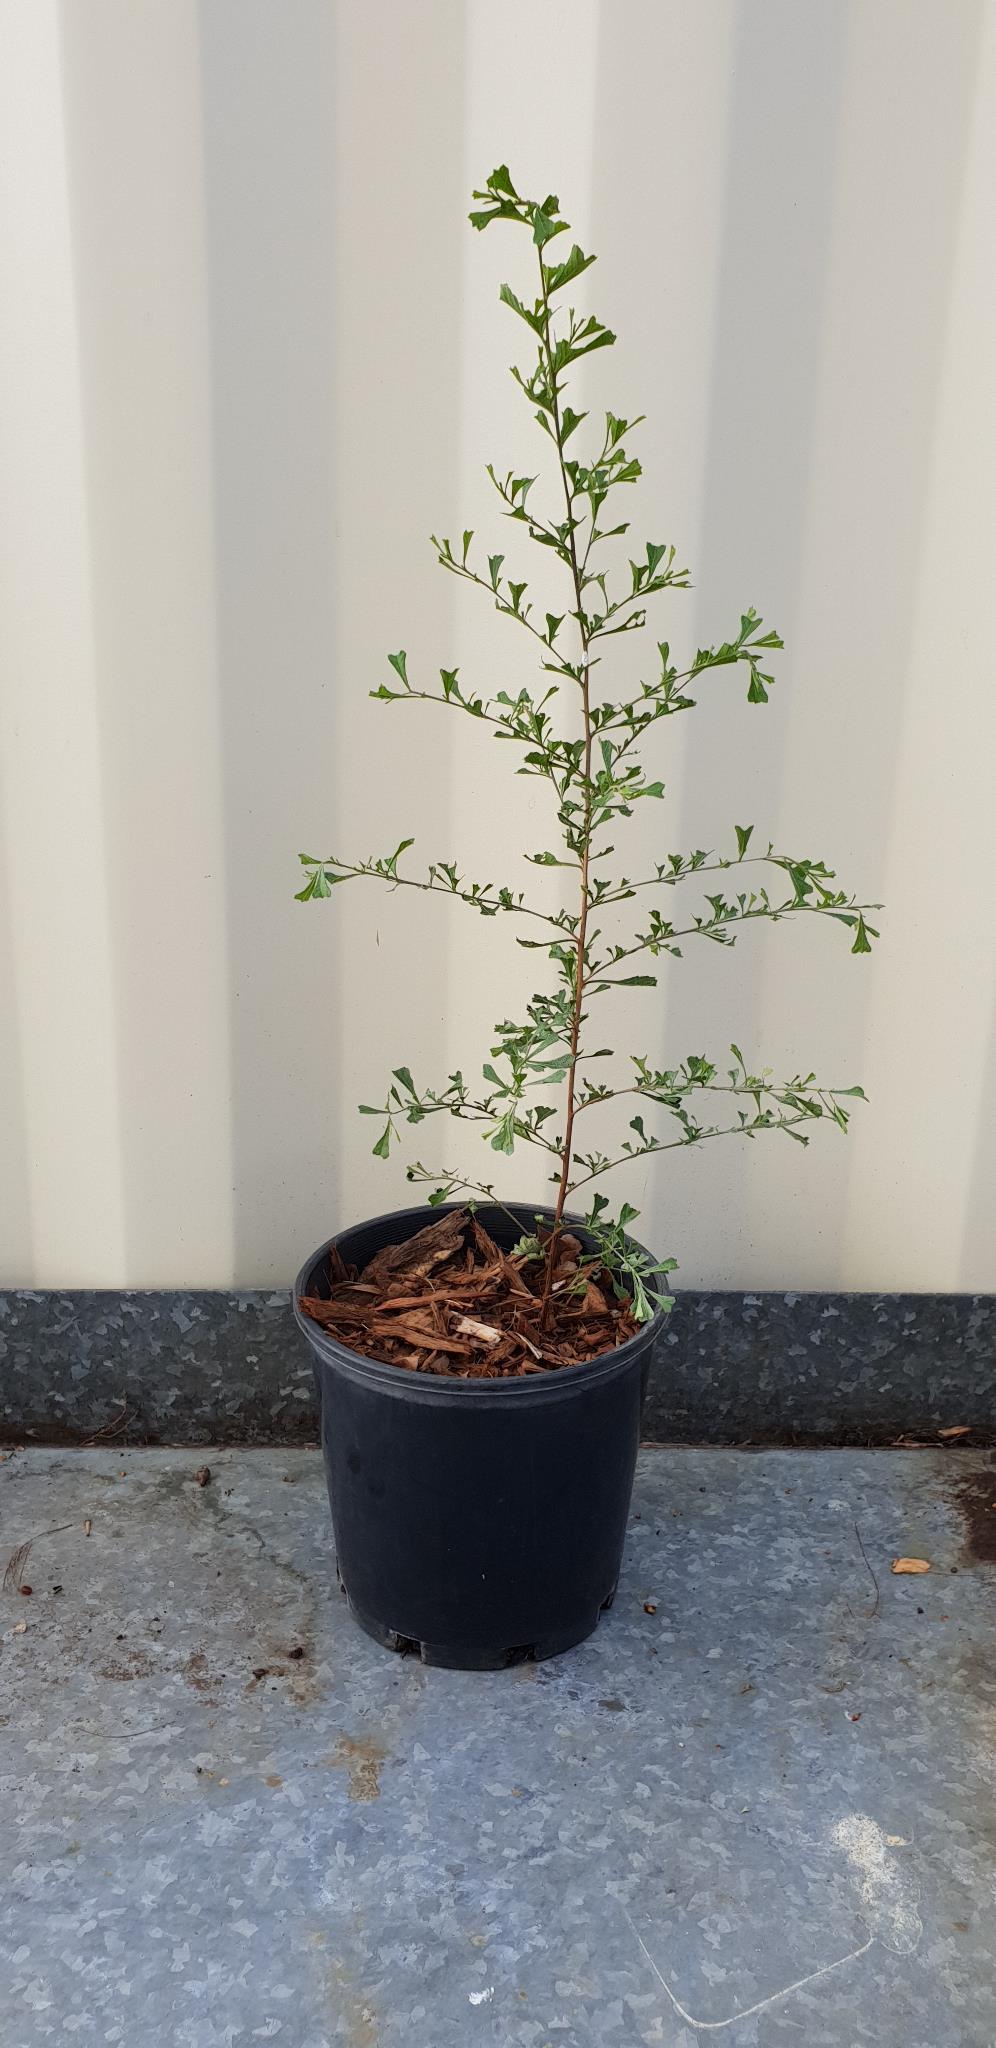 Triangle-leaved Hop Bush